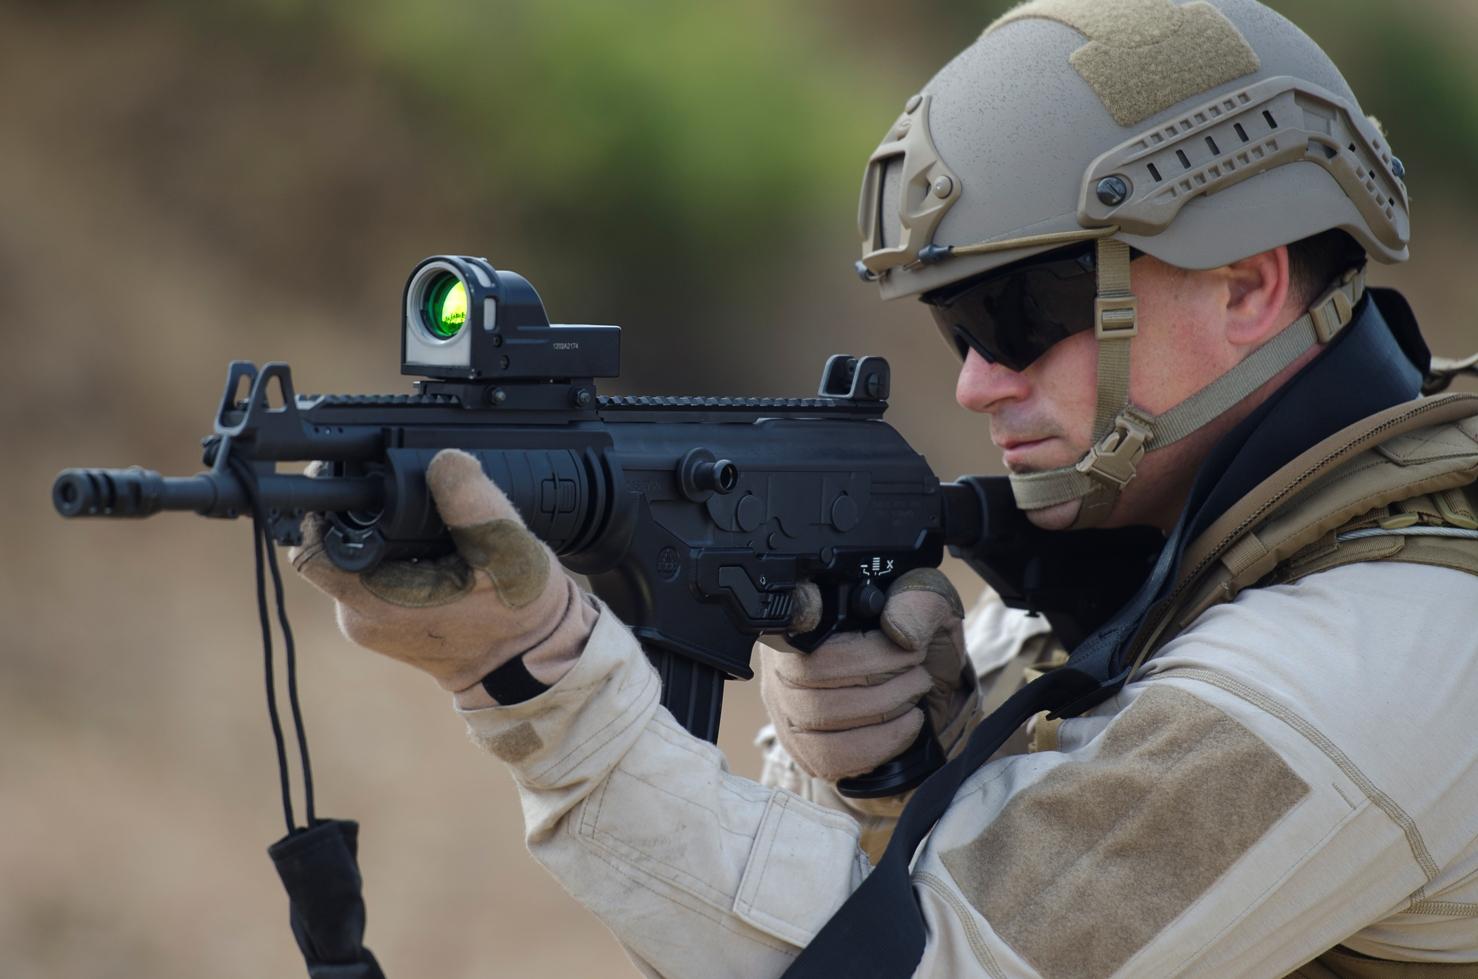 POLICIA - Armas de cargo de PF - Página 2 Rsv7t3